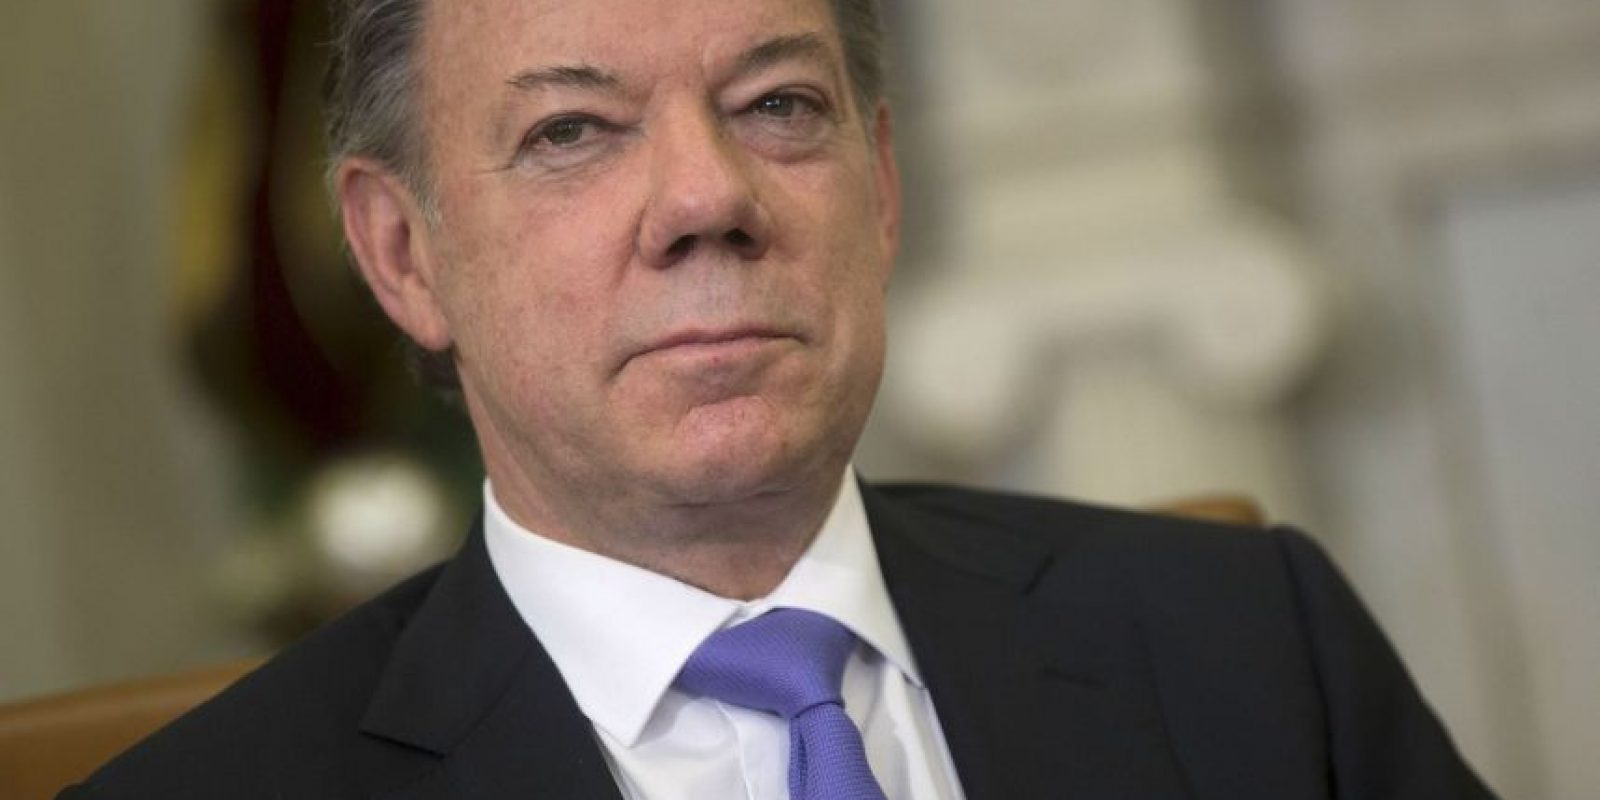 El presidente Juan Manuel Santos suspendió el viaje de sus negociadores de paz a La Habana hasta que no se aclare el caso. Foto:Getty Images